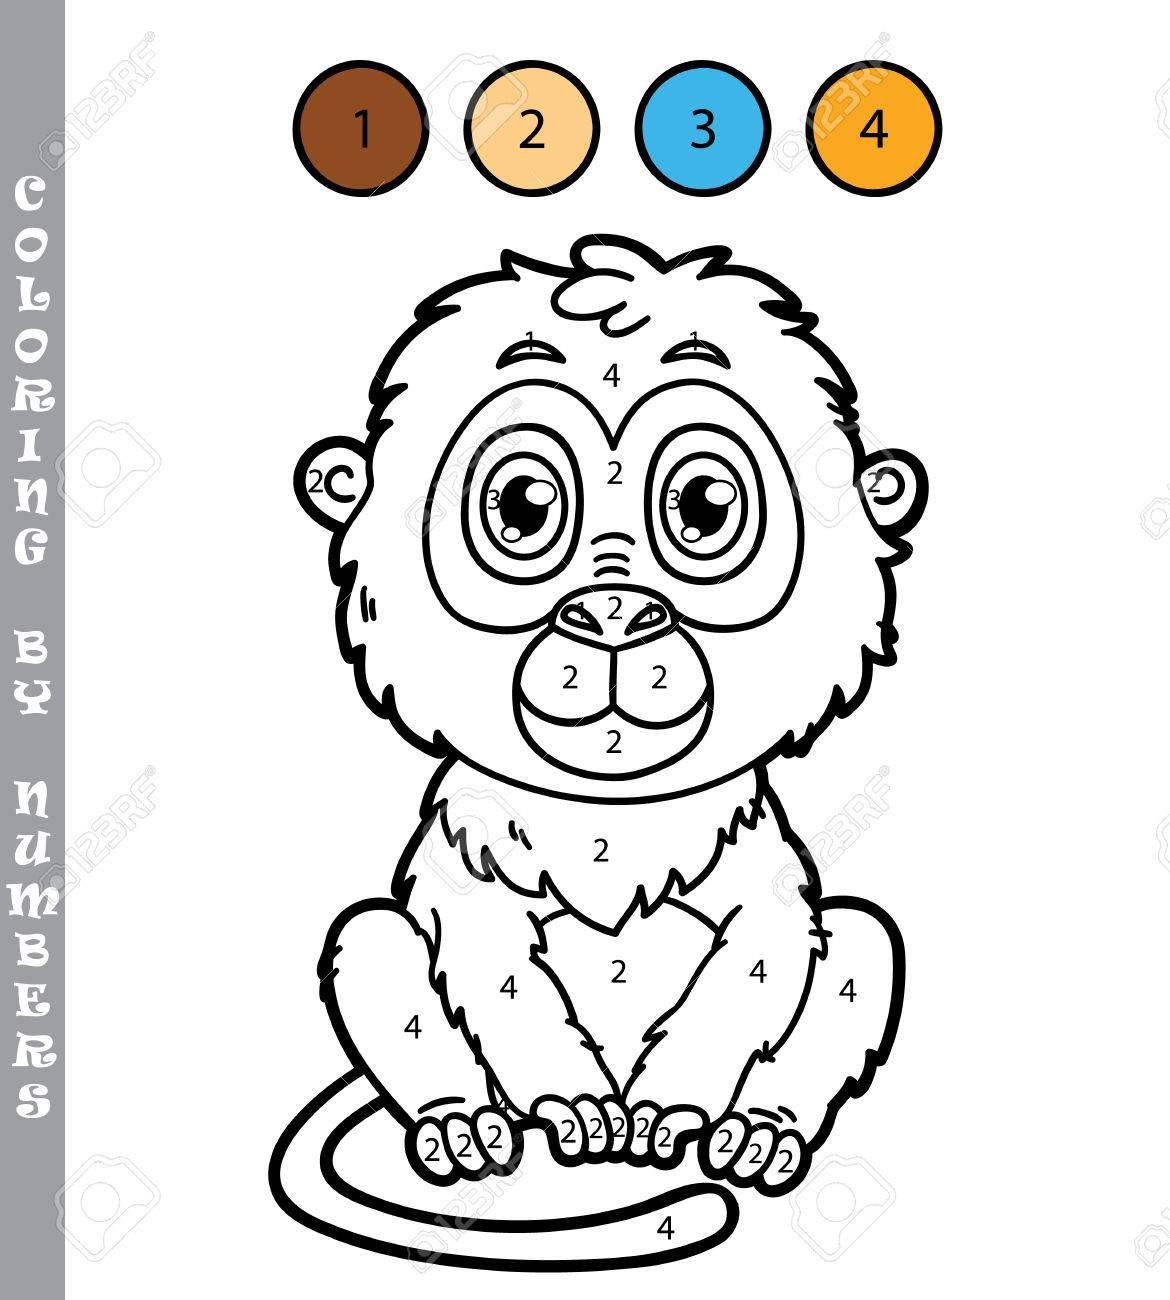 Divertido Juego De Colorear Mono Ilustración Vectorial Para